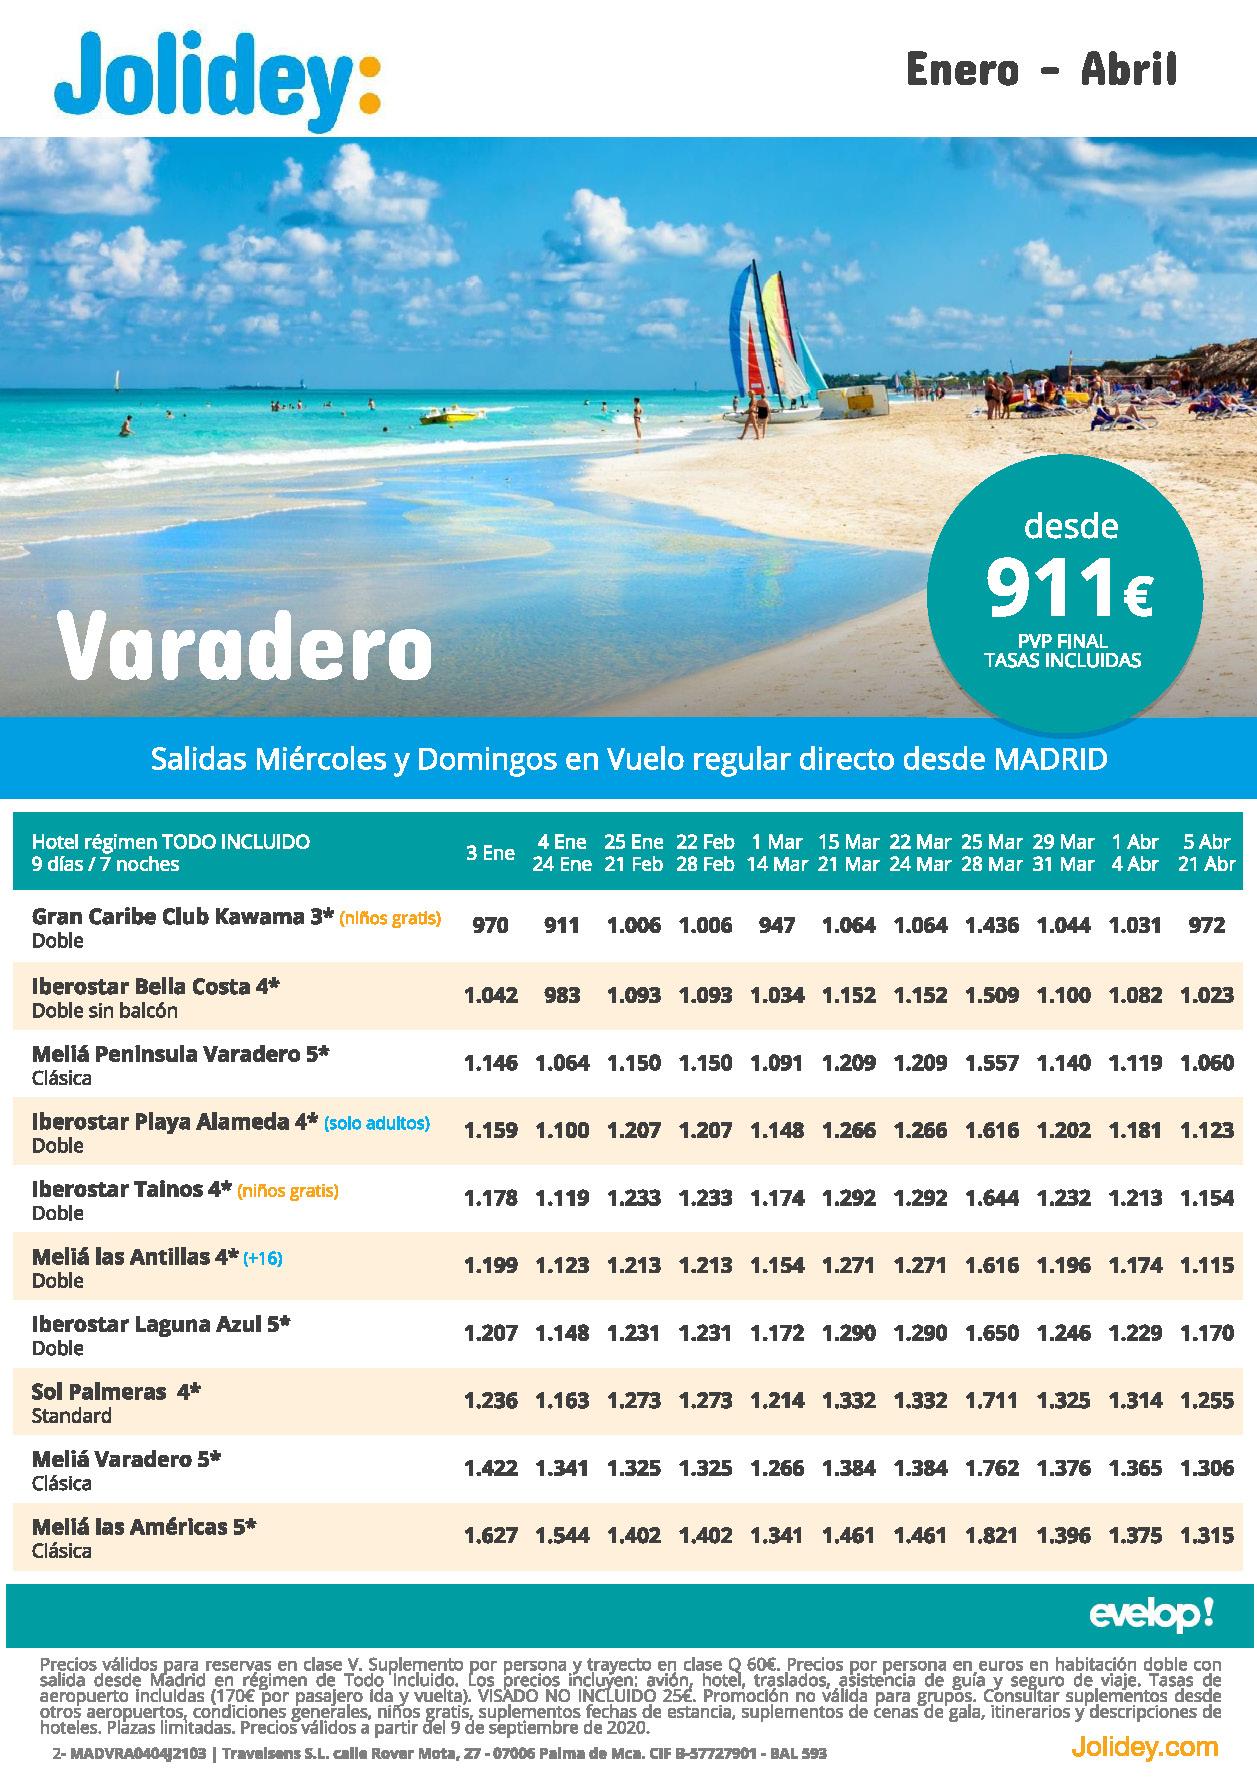 Oferta Jolidey Varadero Enero a Abril 2021 vuelo directo desde Madrid